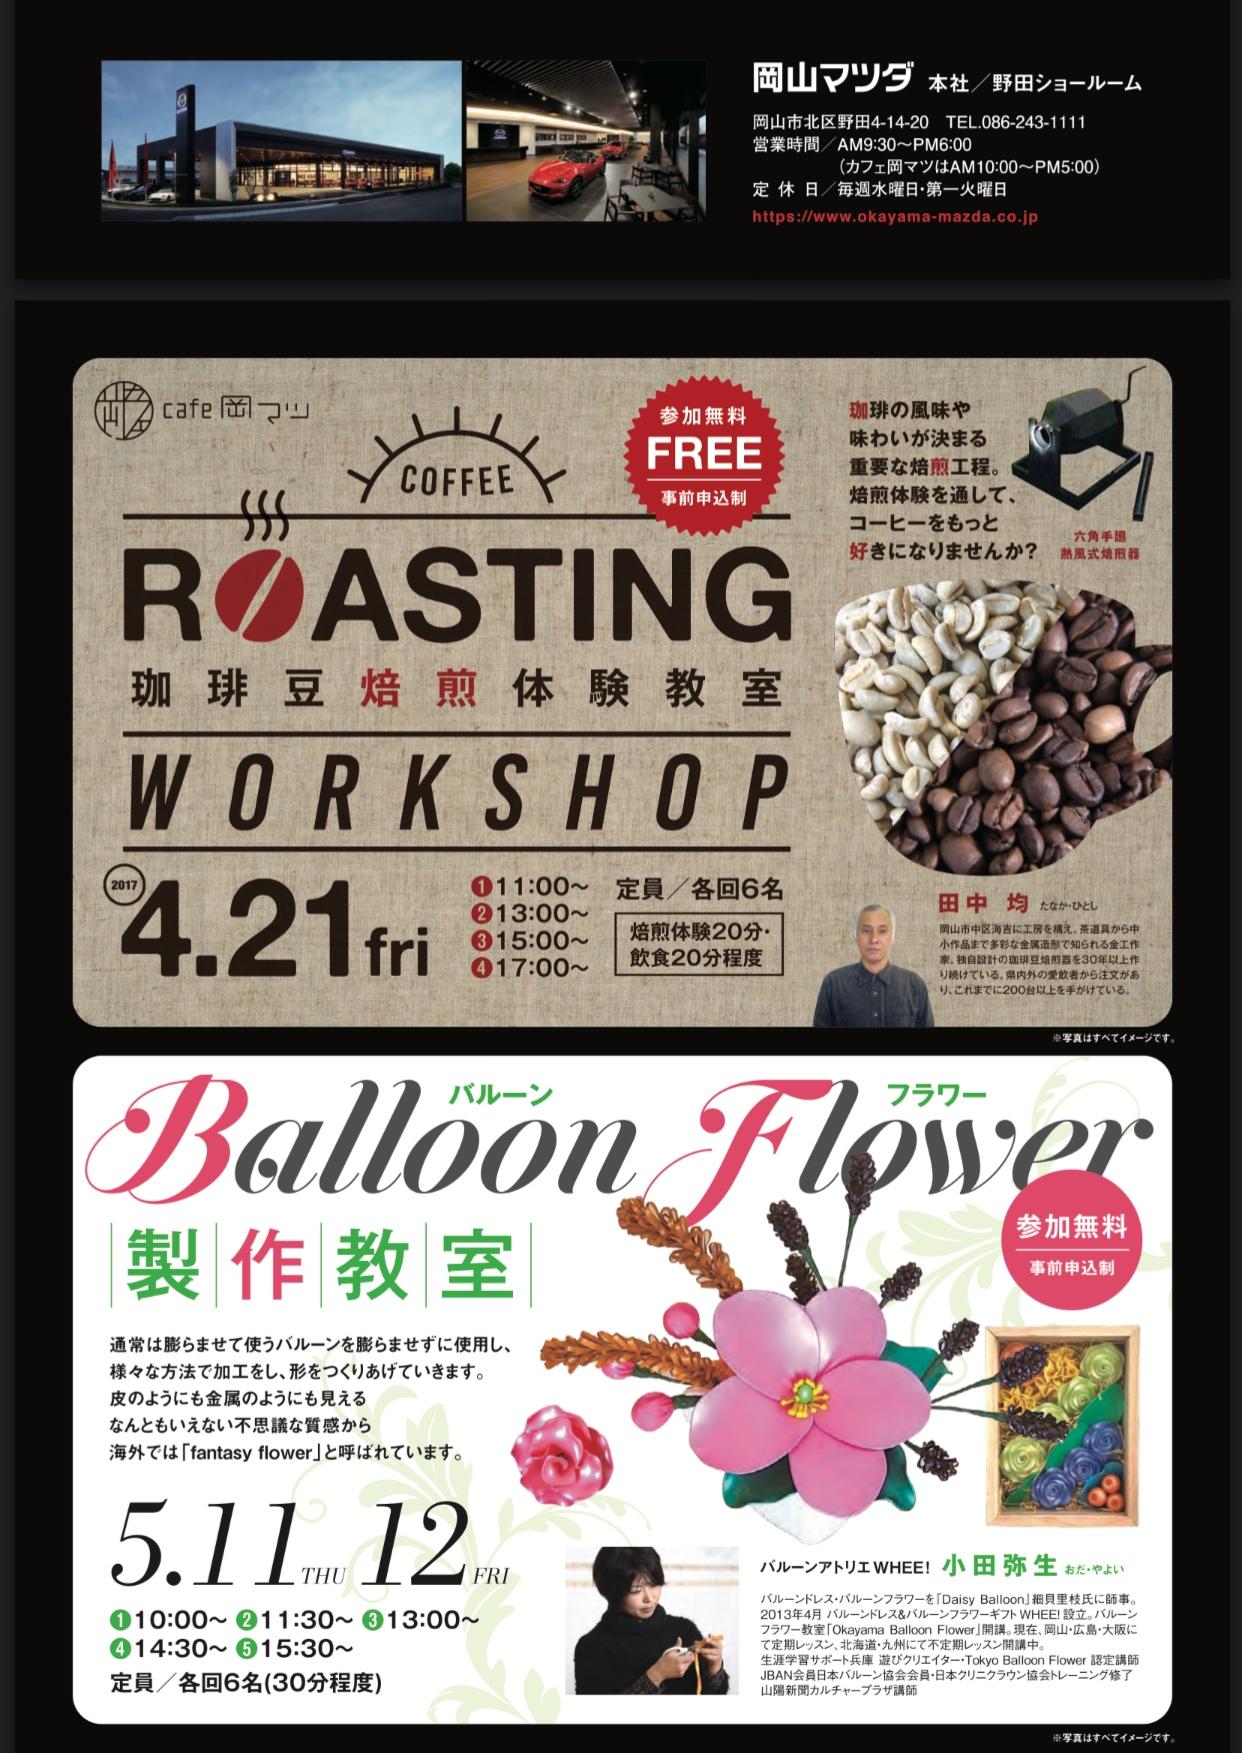 岡山マツダ様イベント〜2017.5.11-12〜